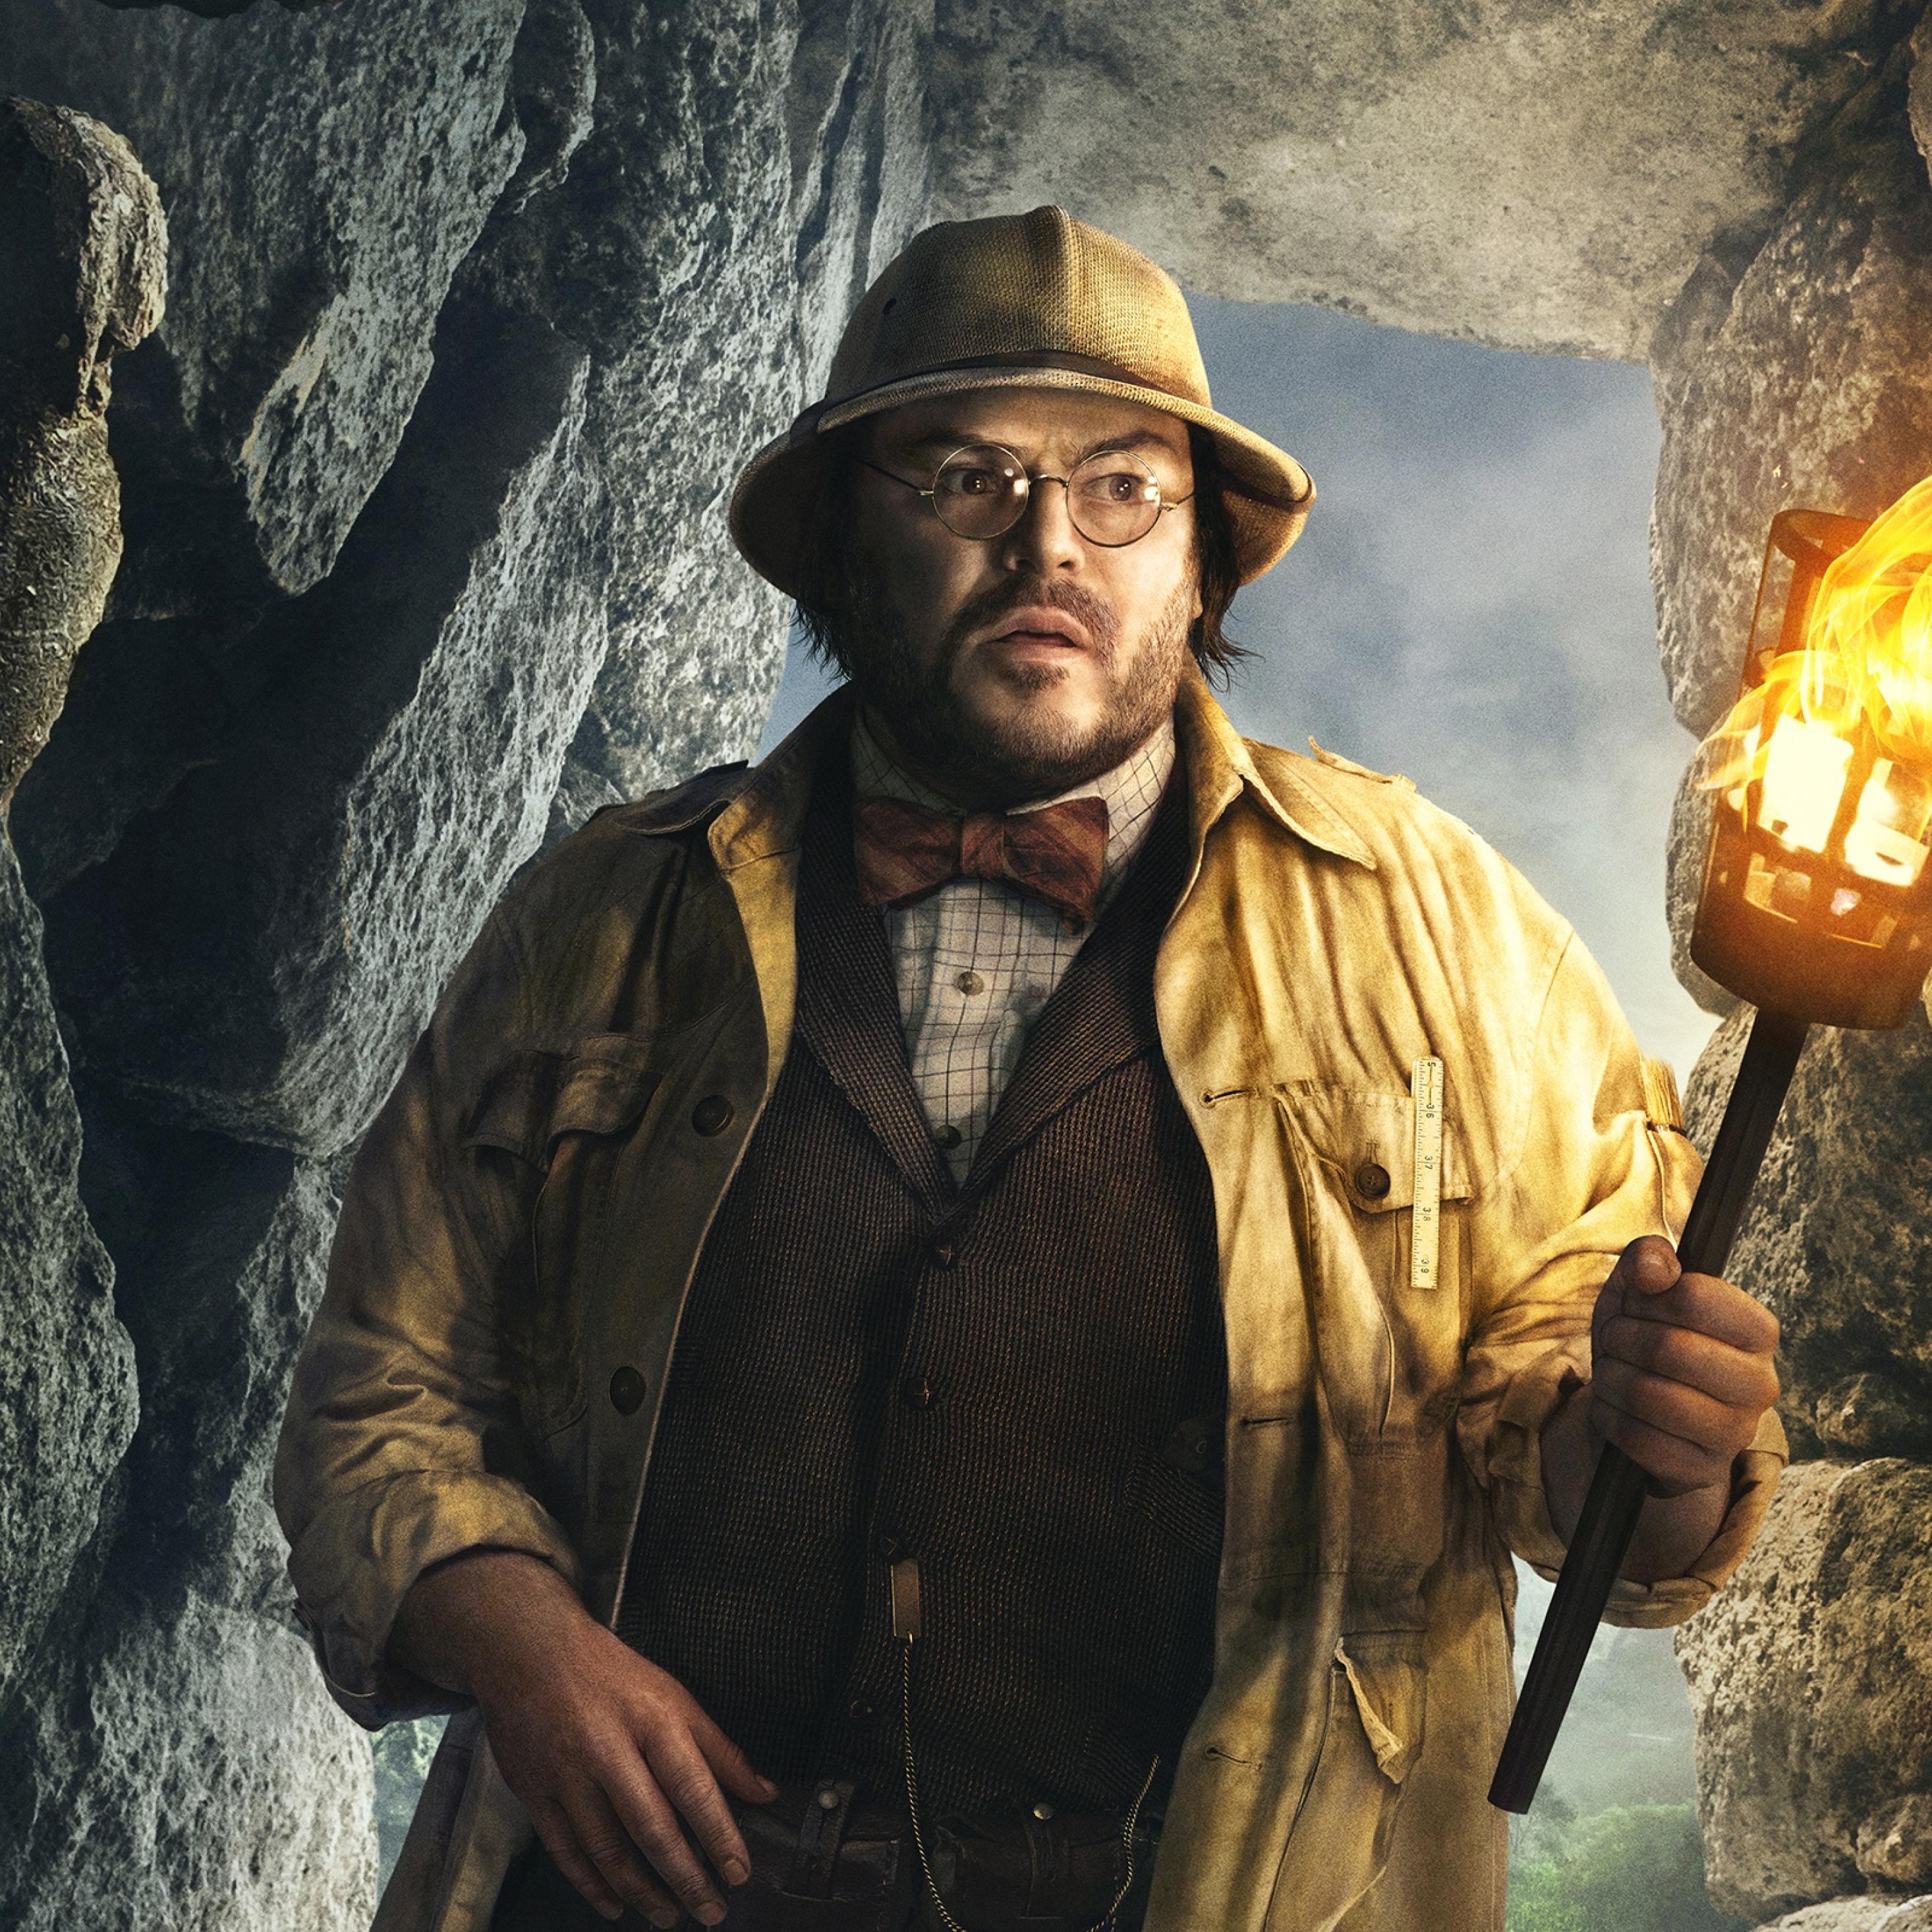 Jack Black In Jumanji Welcome To The Jungle, Full HD 2K